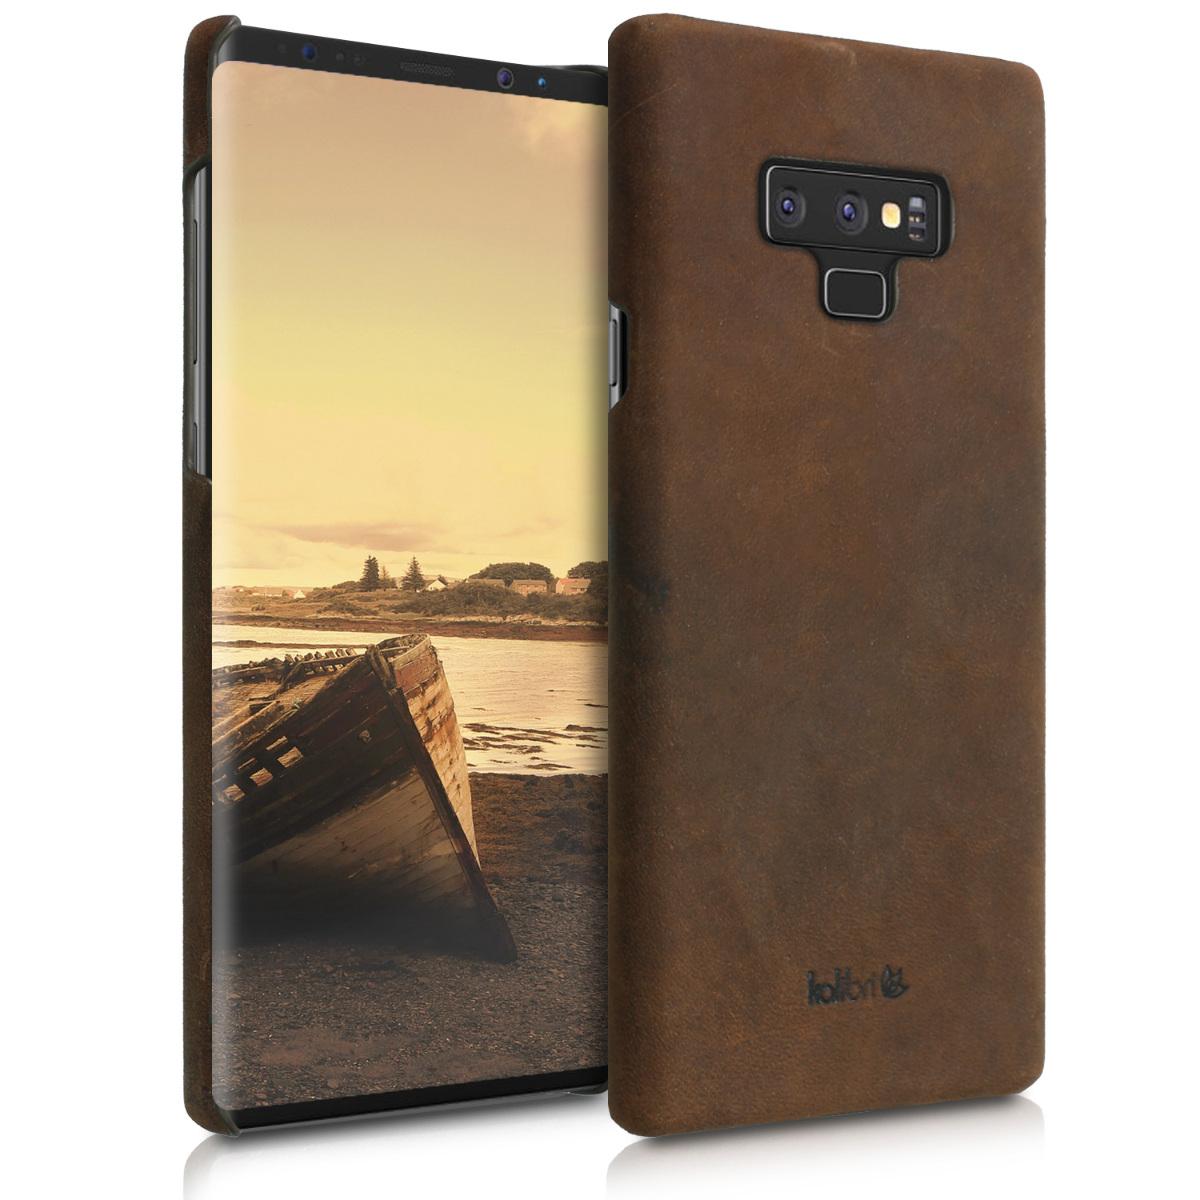 Kalibri Σκληρή Δερμάτινη Θήκη Samsung Galaxy Note 9 - Καφέ (46128.05)